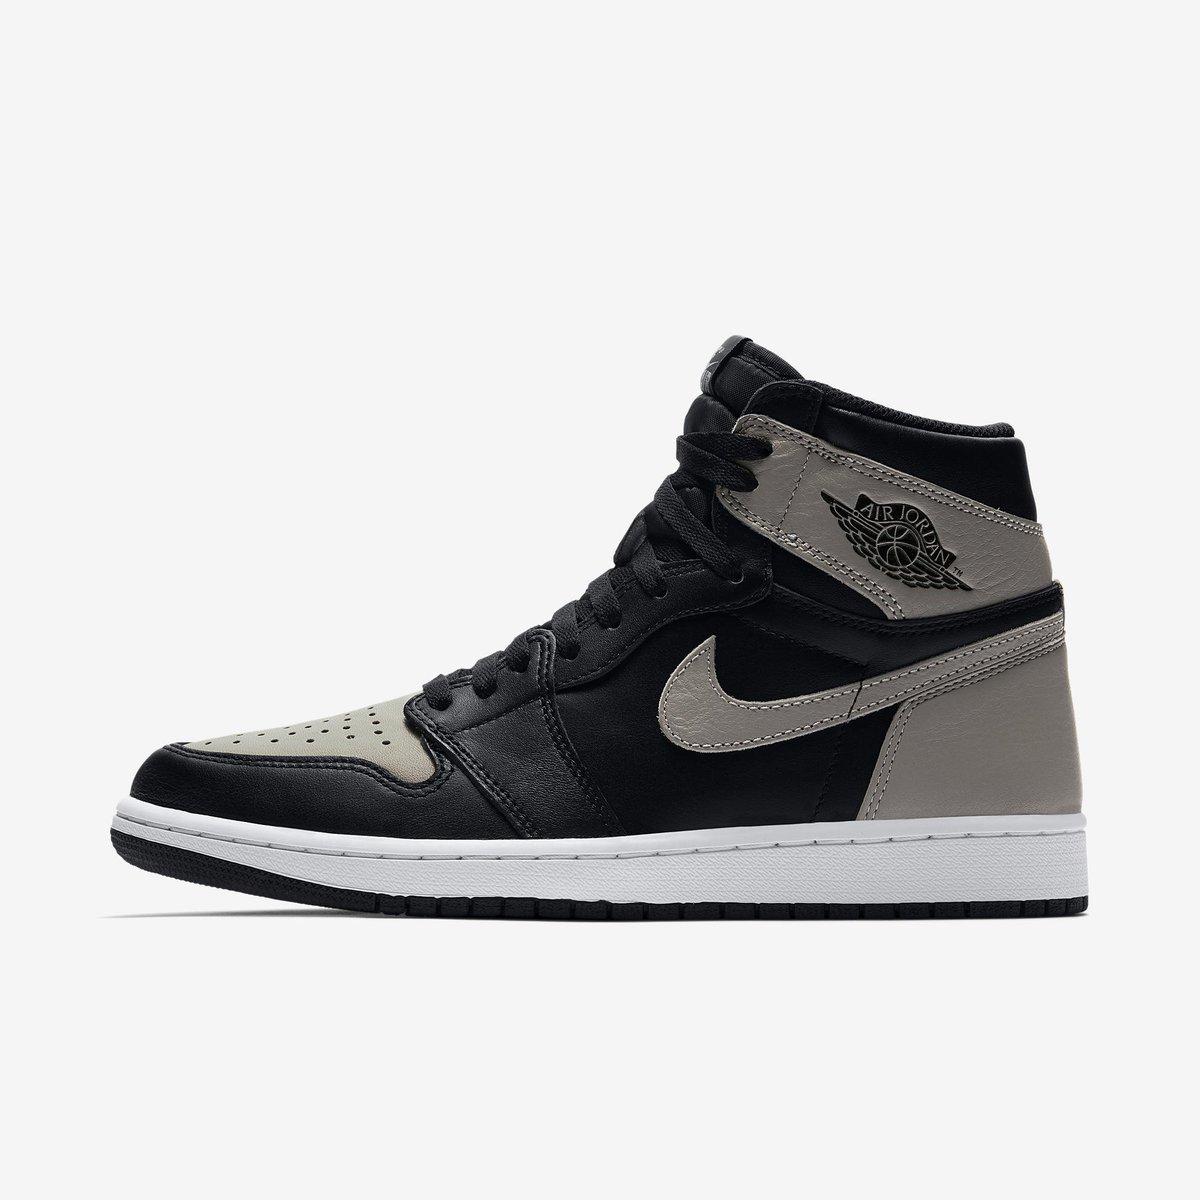 footlocker. Air Jordan 1 Retro Shadow